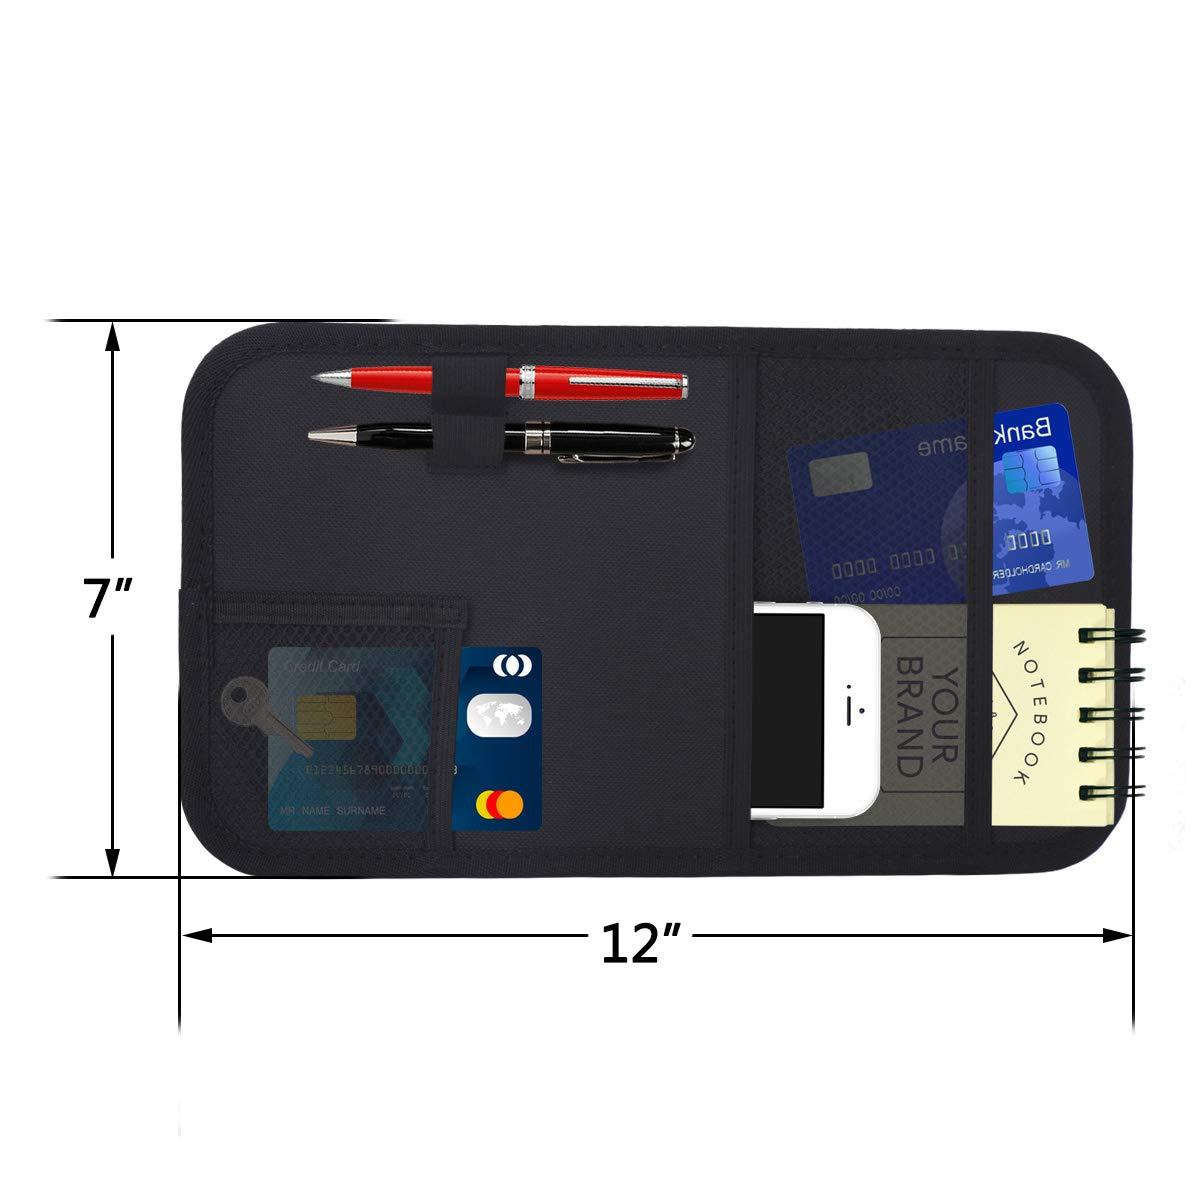 Autoark Car Sun Visor Organizer,Auto Interior Accessories Pocket Organizer,Document and Registration Holder,Personal Belonging Storage Pouch Organizer,AK-082